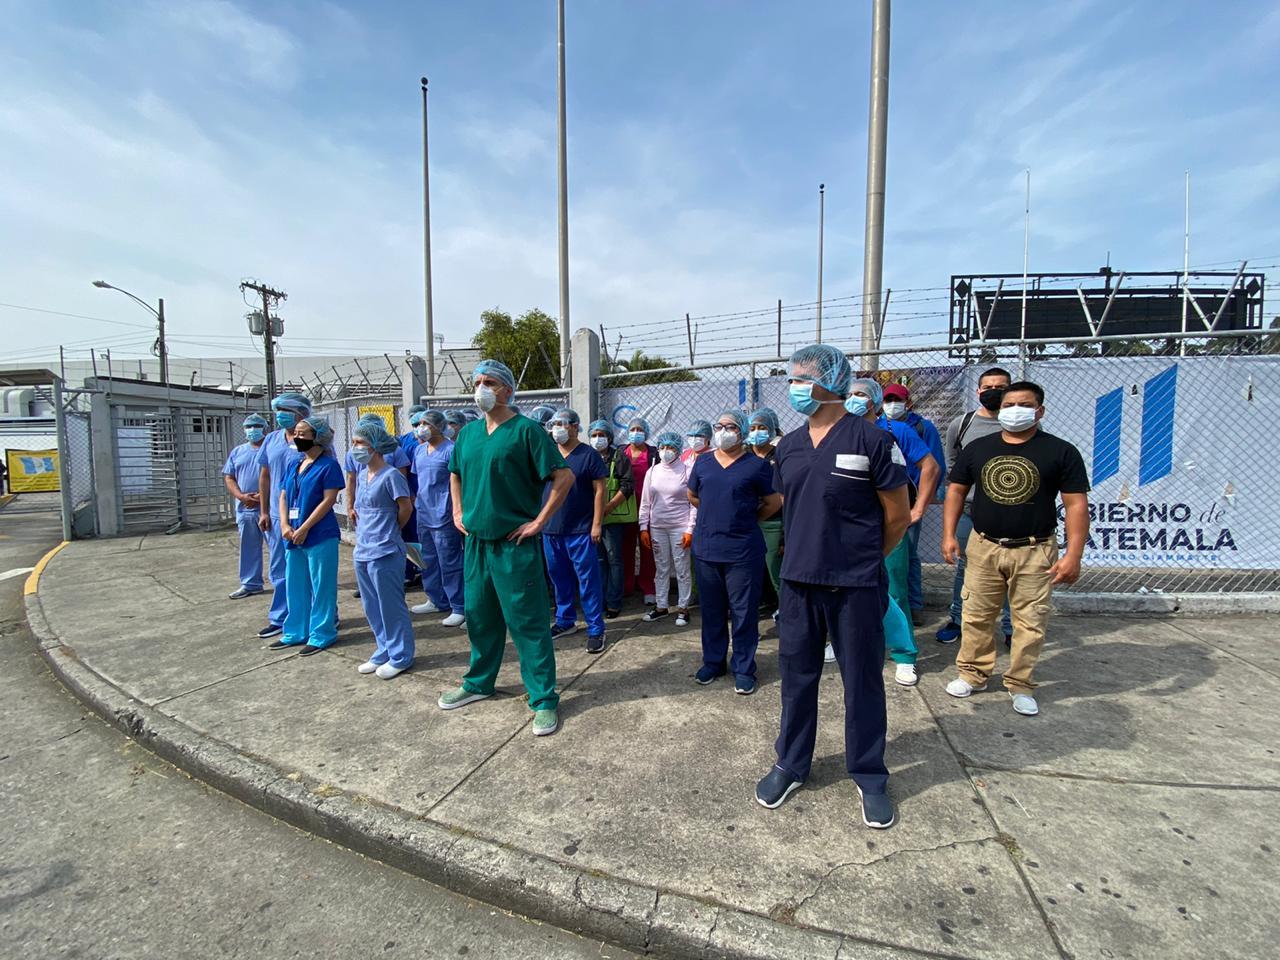 Médicos alzan la voz ante malas condiciones en el Hospital Parque de la Industria - Federación Guatemalteca de Escuelas Radiofónicas